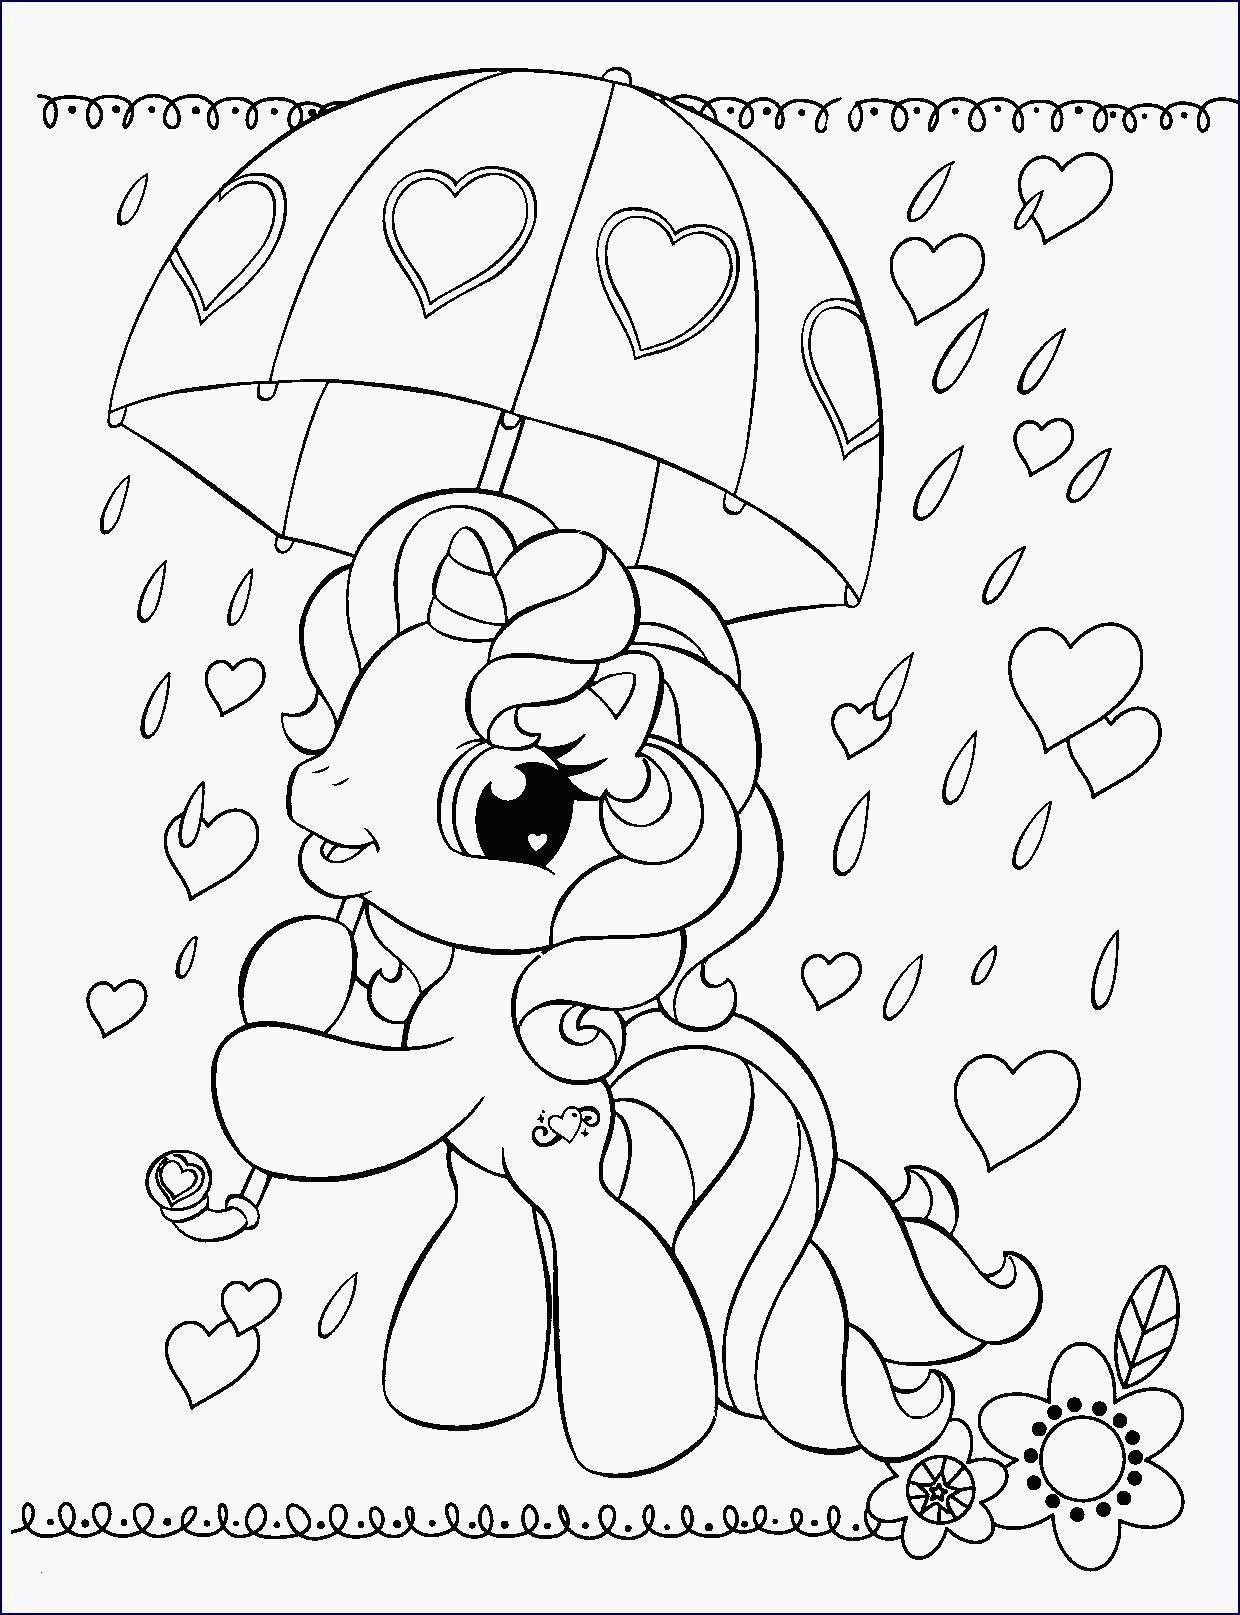 Ausmalbilder My Little Pony Rainbow Dash Das Beste Von 40 Ausmalbilder Equestria Girls Scoredatscore Schön Ausmalbilder My Bilder